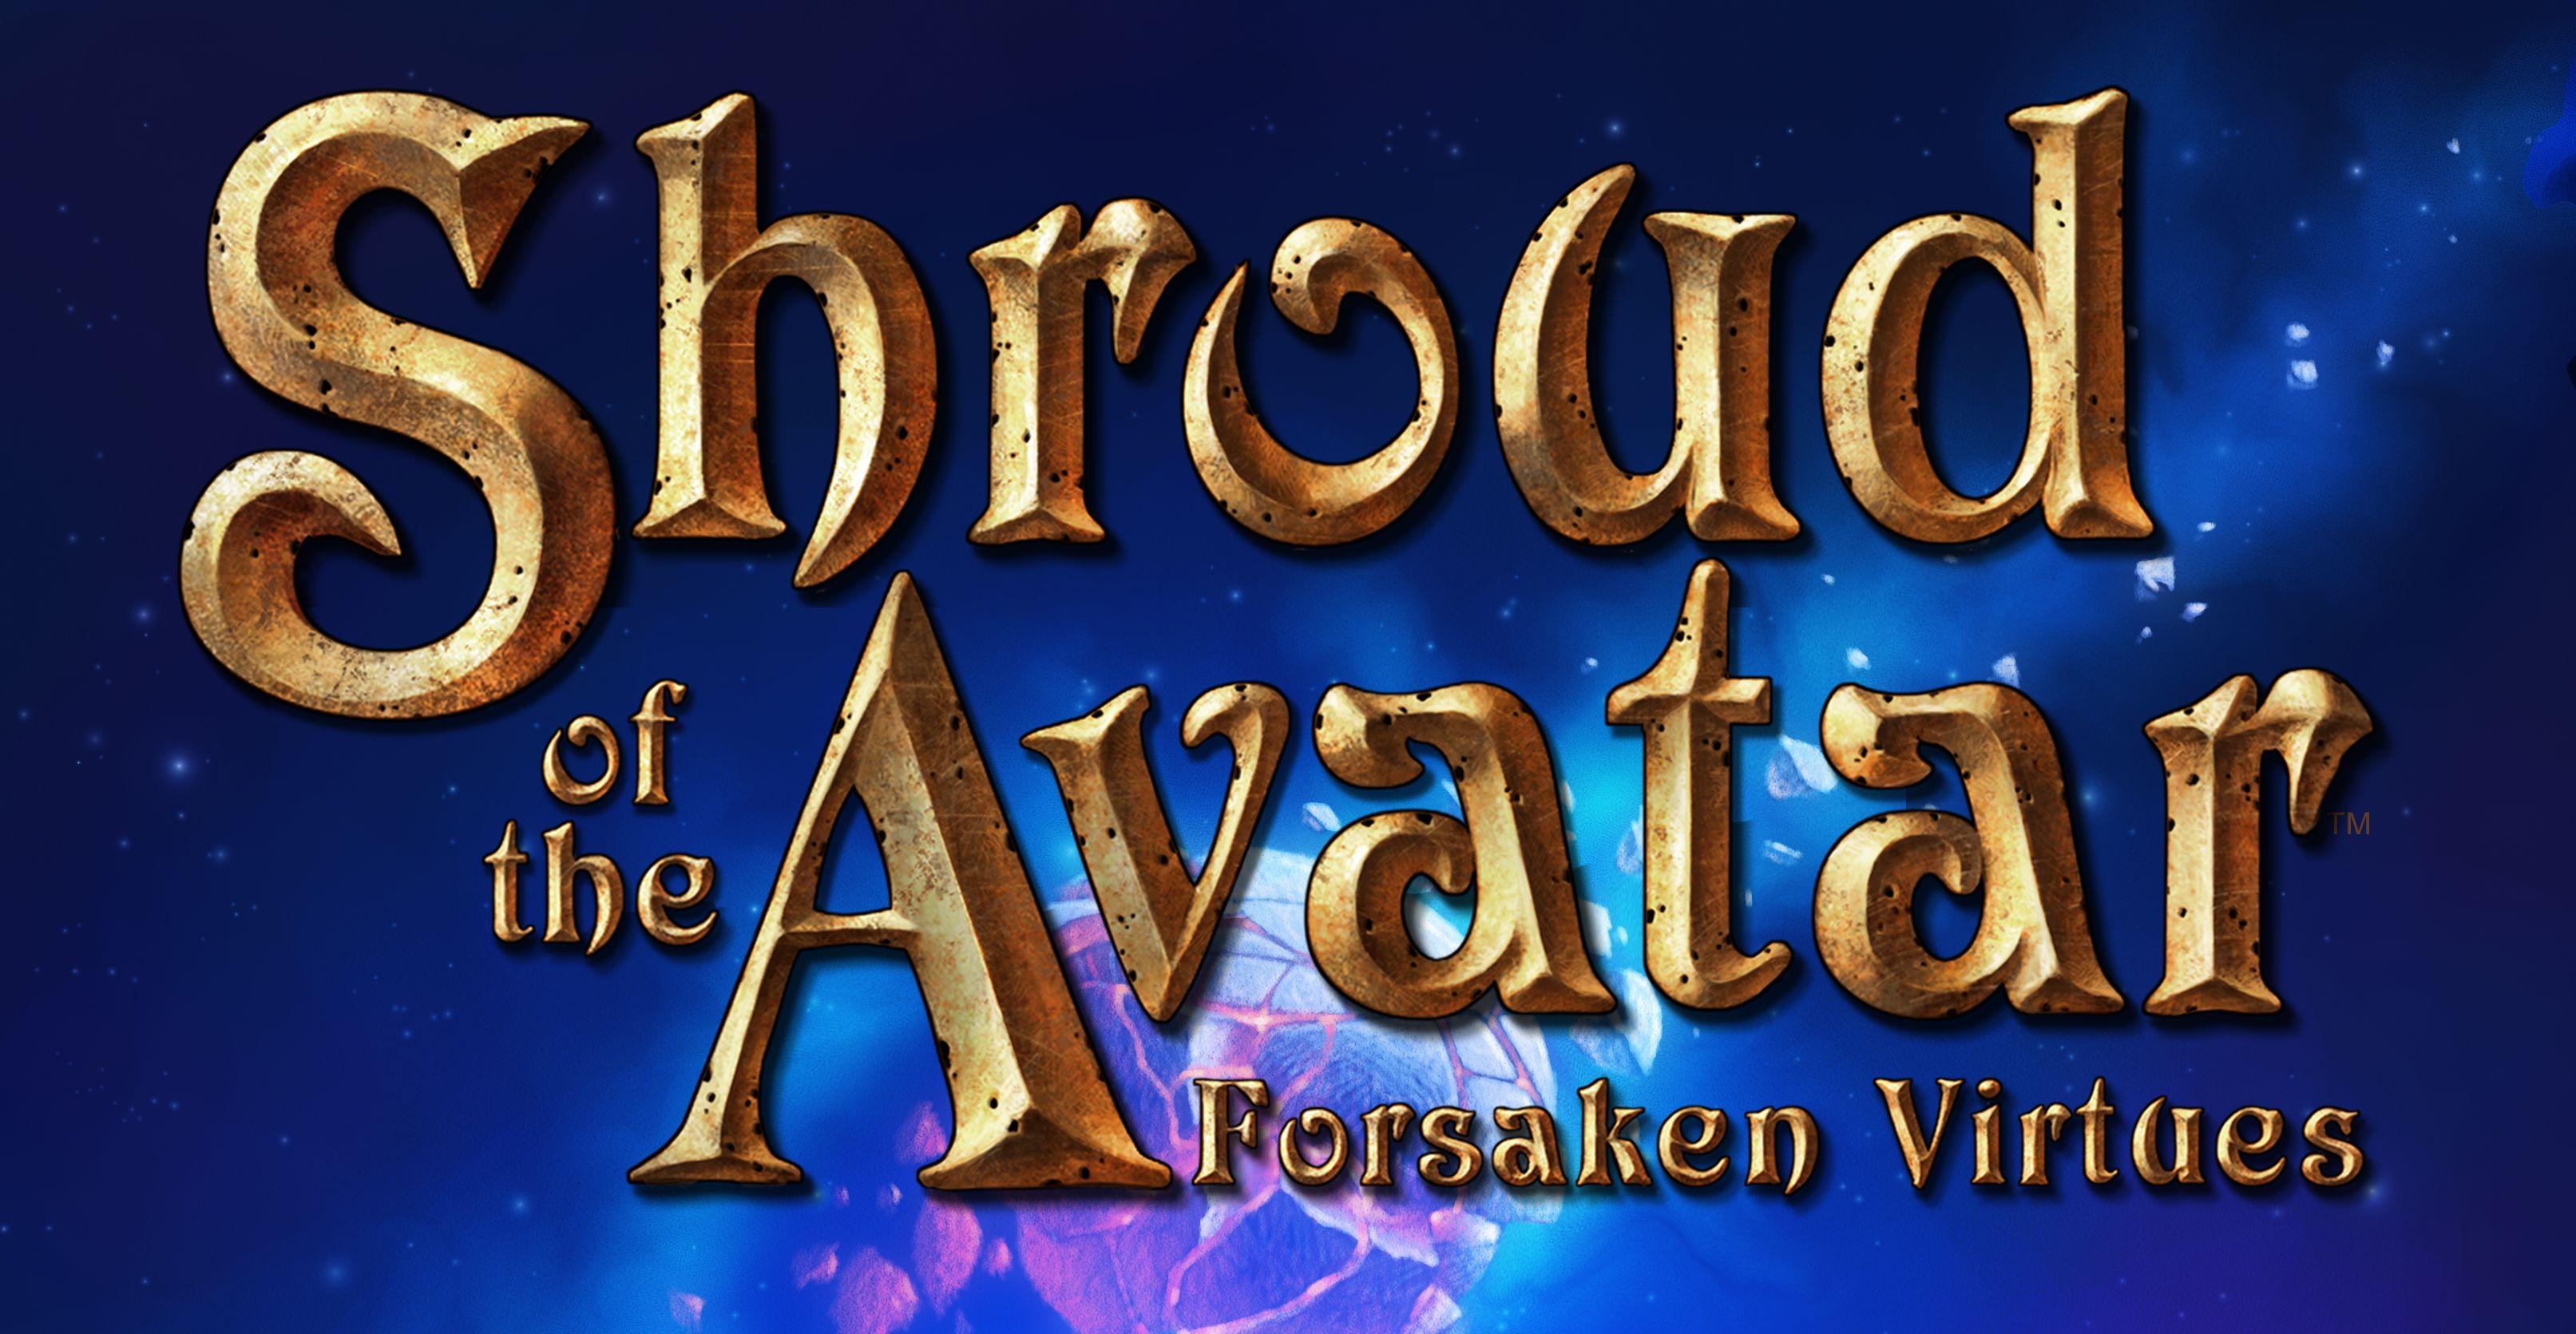 انتشار تریلرهایی جدید از بازی Shroud of the Avatar: Forsaken Virtues